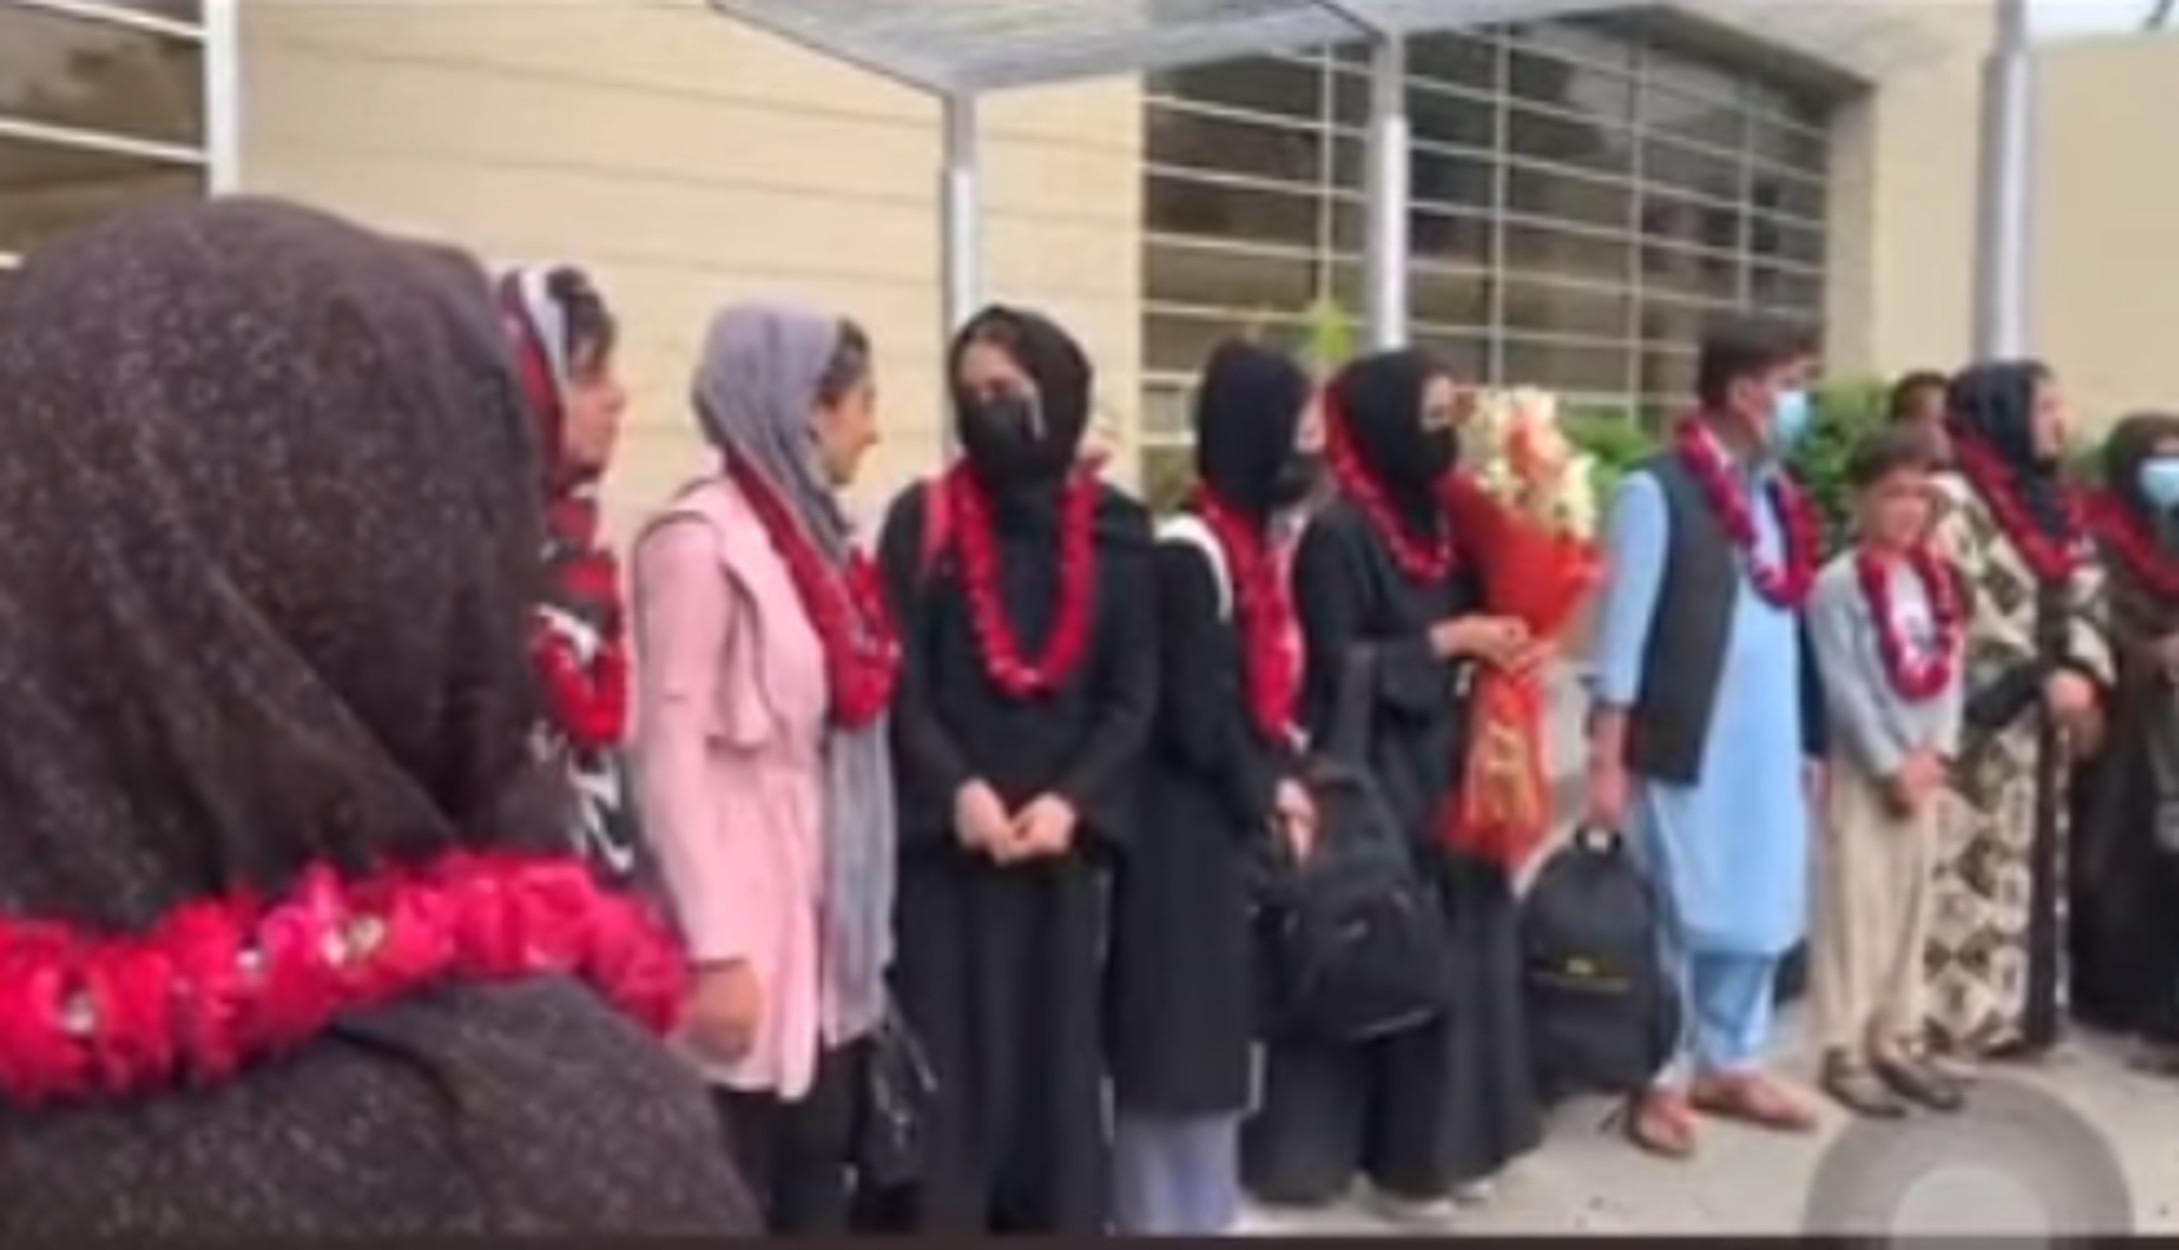 Αφγανιστάν: Έφτασε στο Πακιστάν η γυναικεία ποδοσφαιρική ομάδα για ξεφύγει από τους Ταλιμπάν